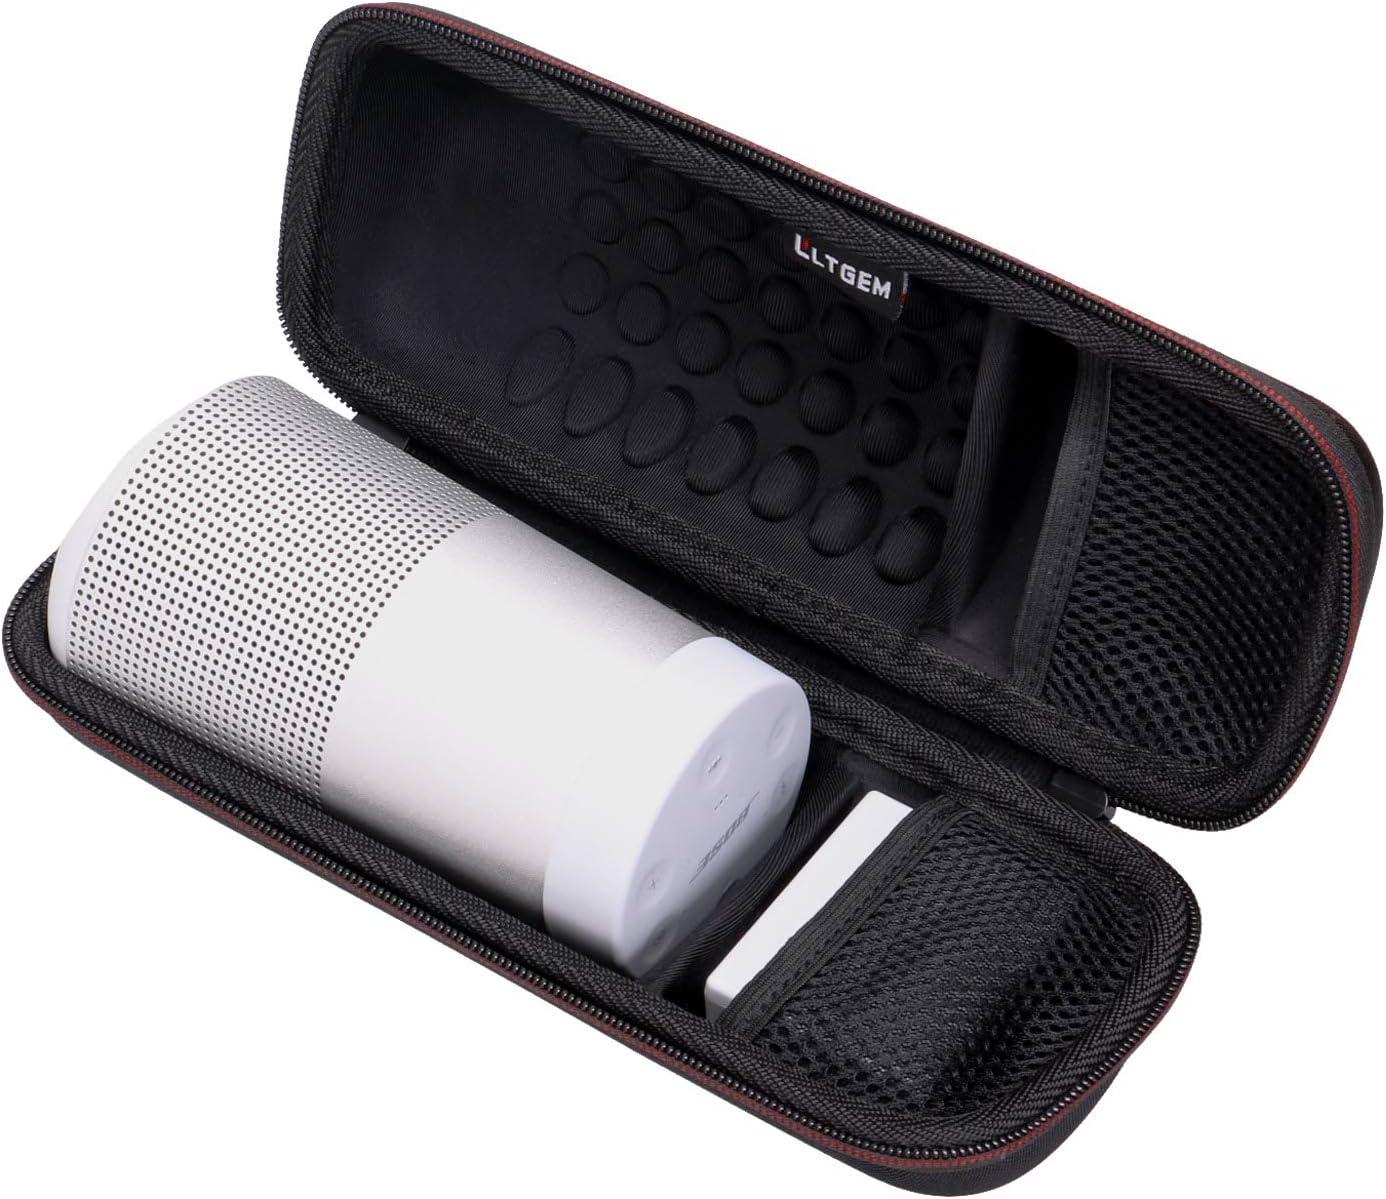 LTGEM EVA Hard Travel Carrying Case for Bose SoundLink Revolve Portable Bluetooth 360 Speaker